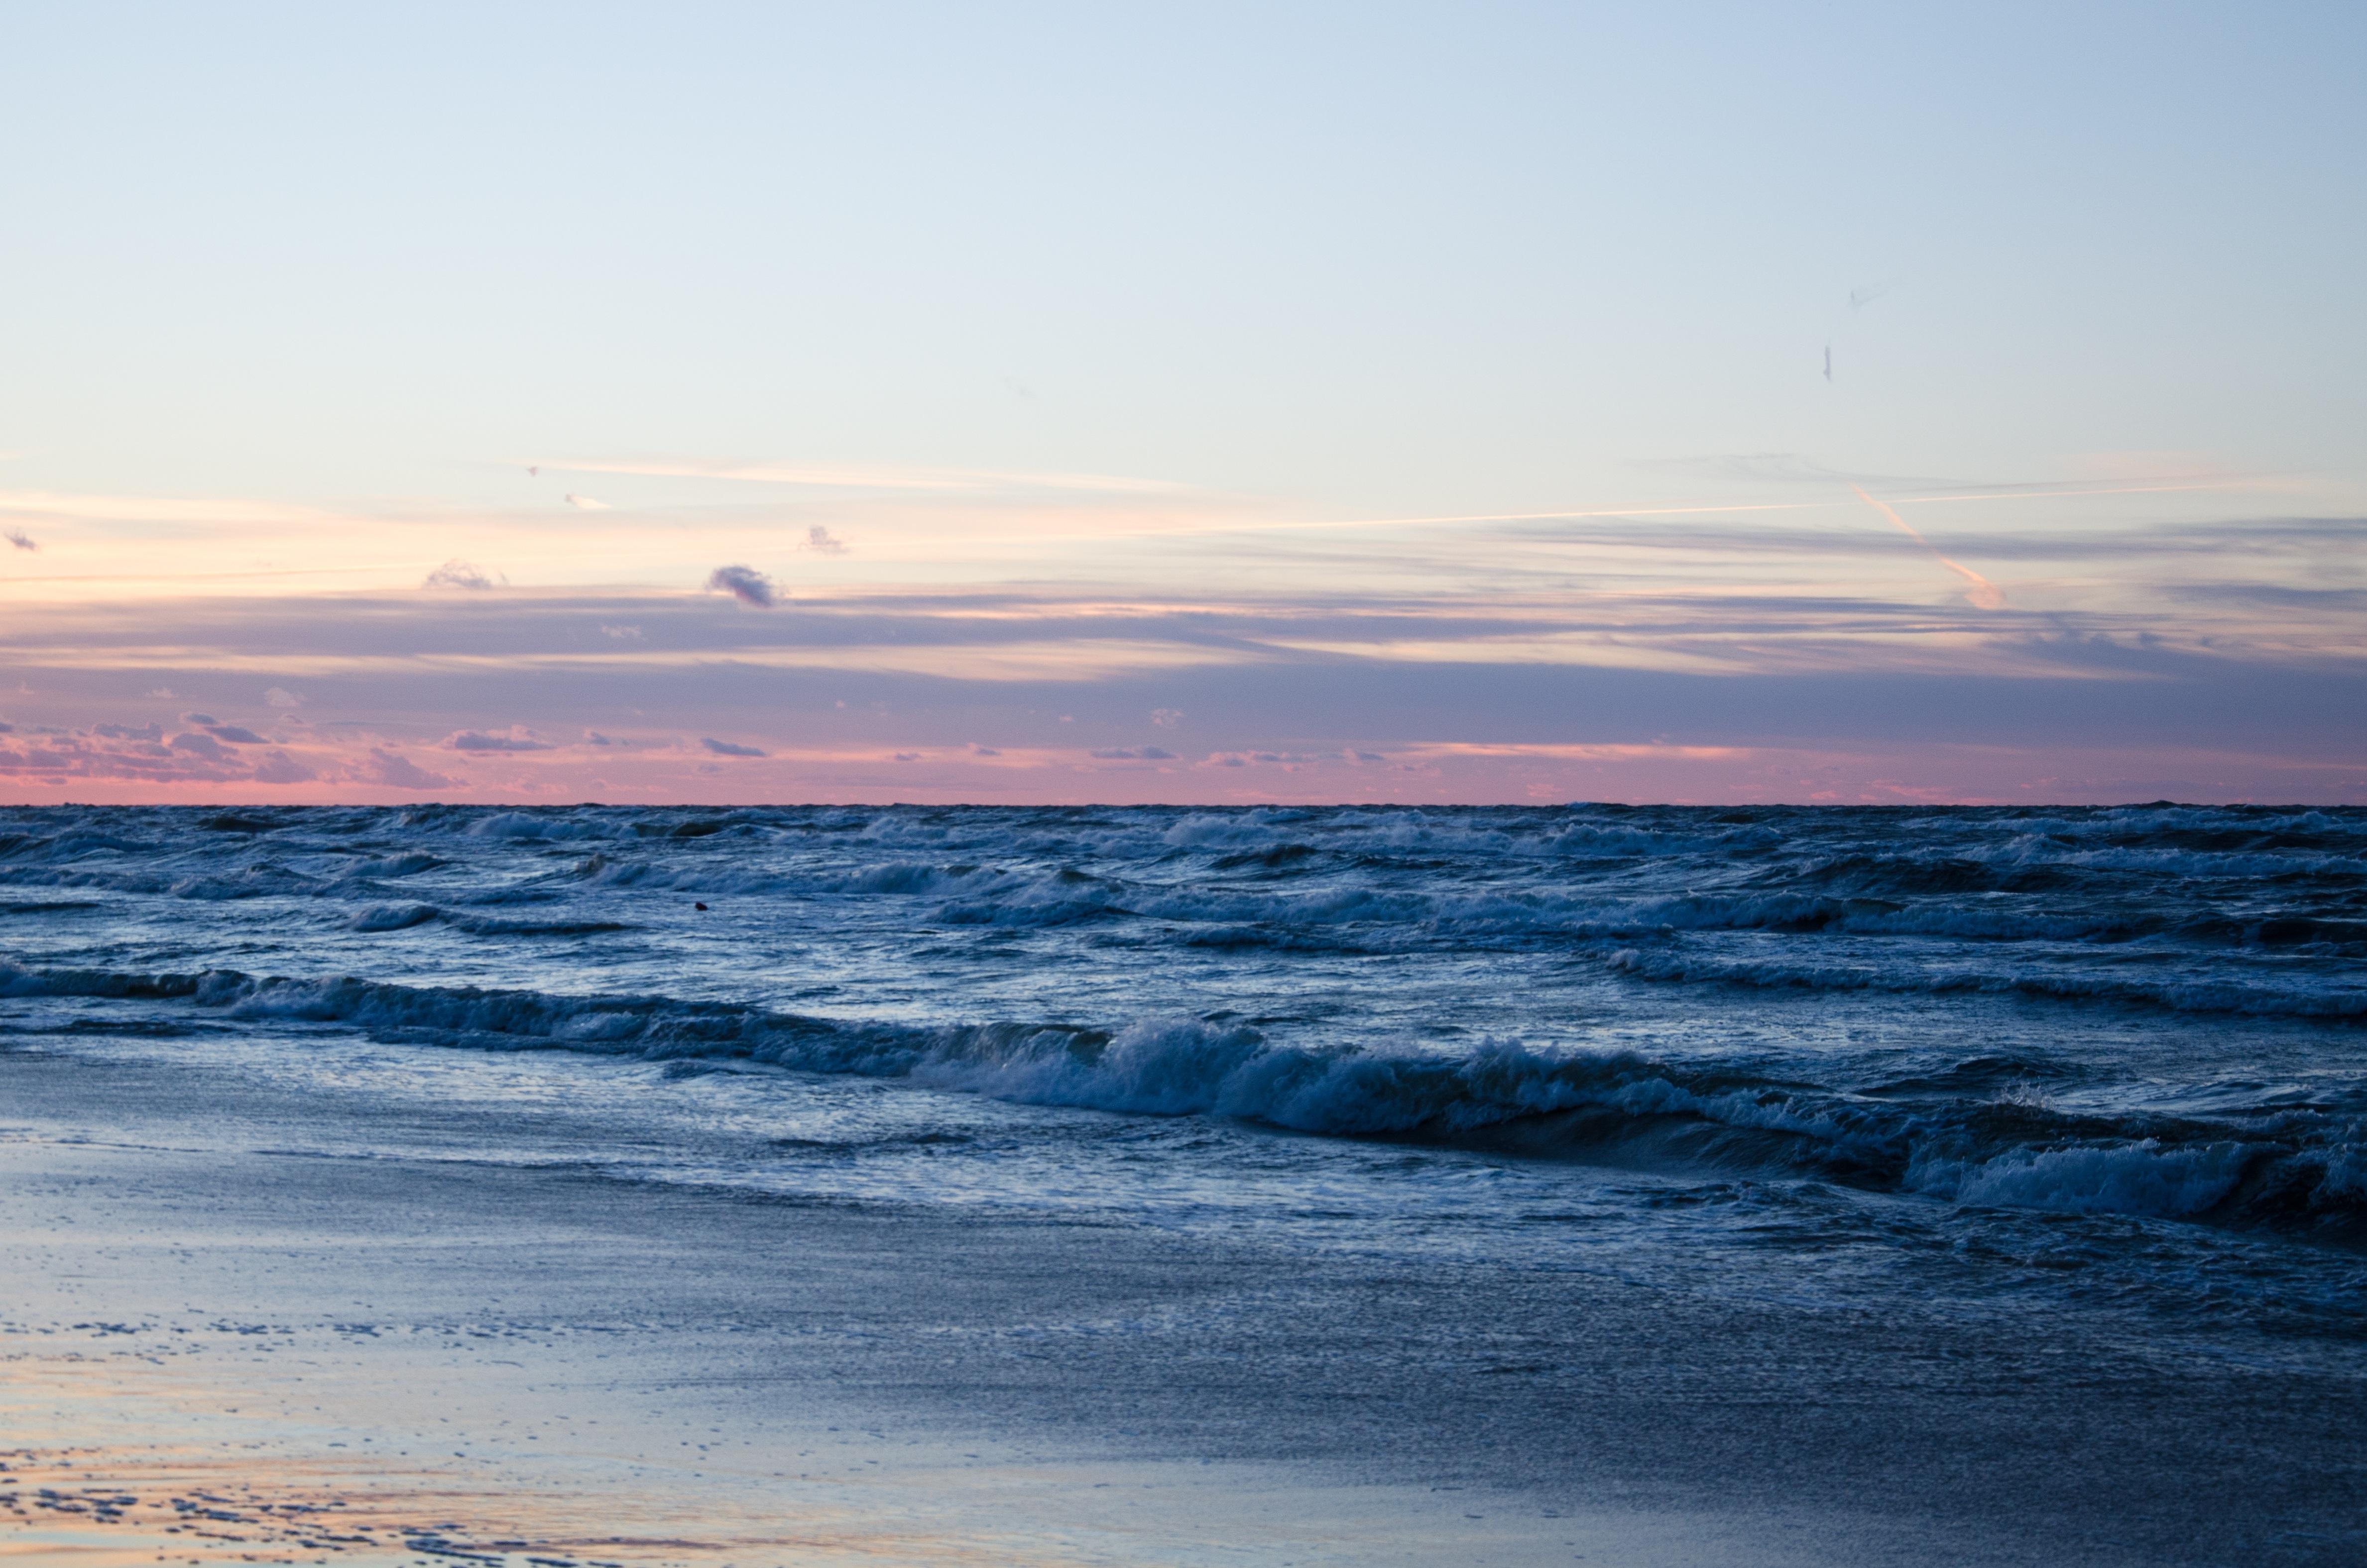 132554 Hintergrundbild 128x160 kostenlos auf deinem Handy, lade Bilder Natur, Strand, Sand, Horizont, Ozean 128x160 auf dein Handy herunter